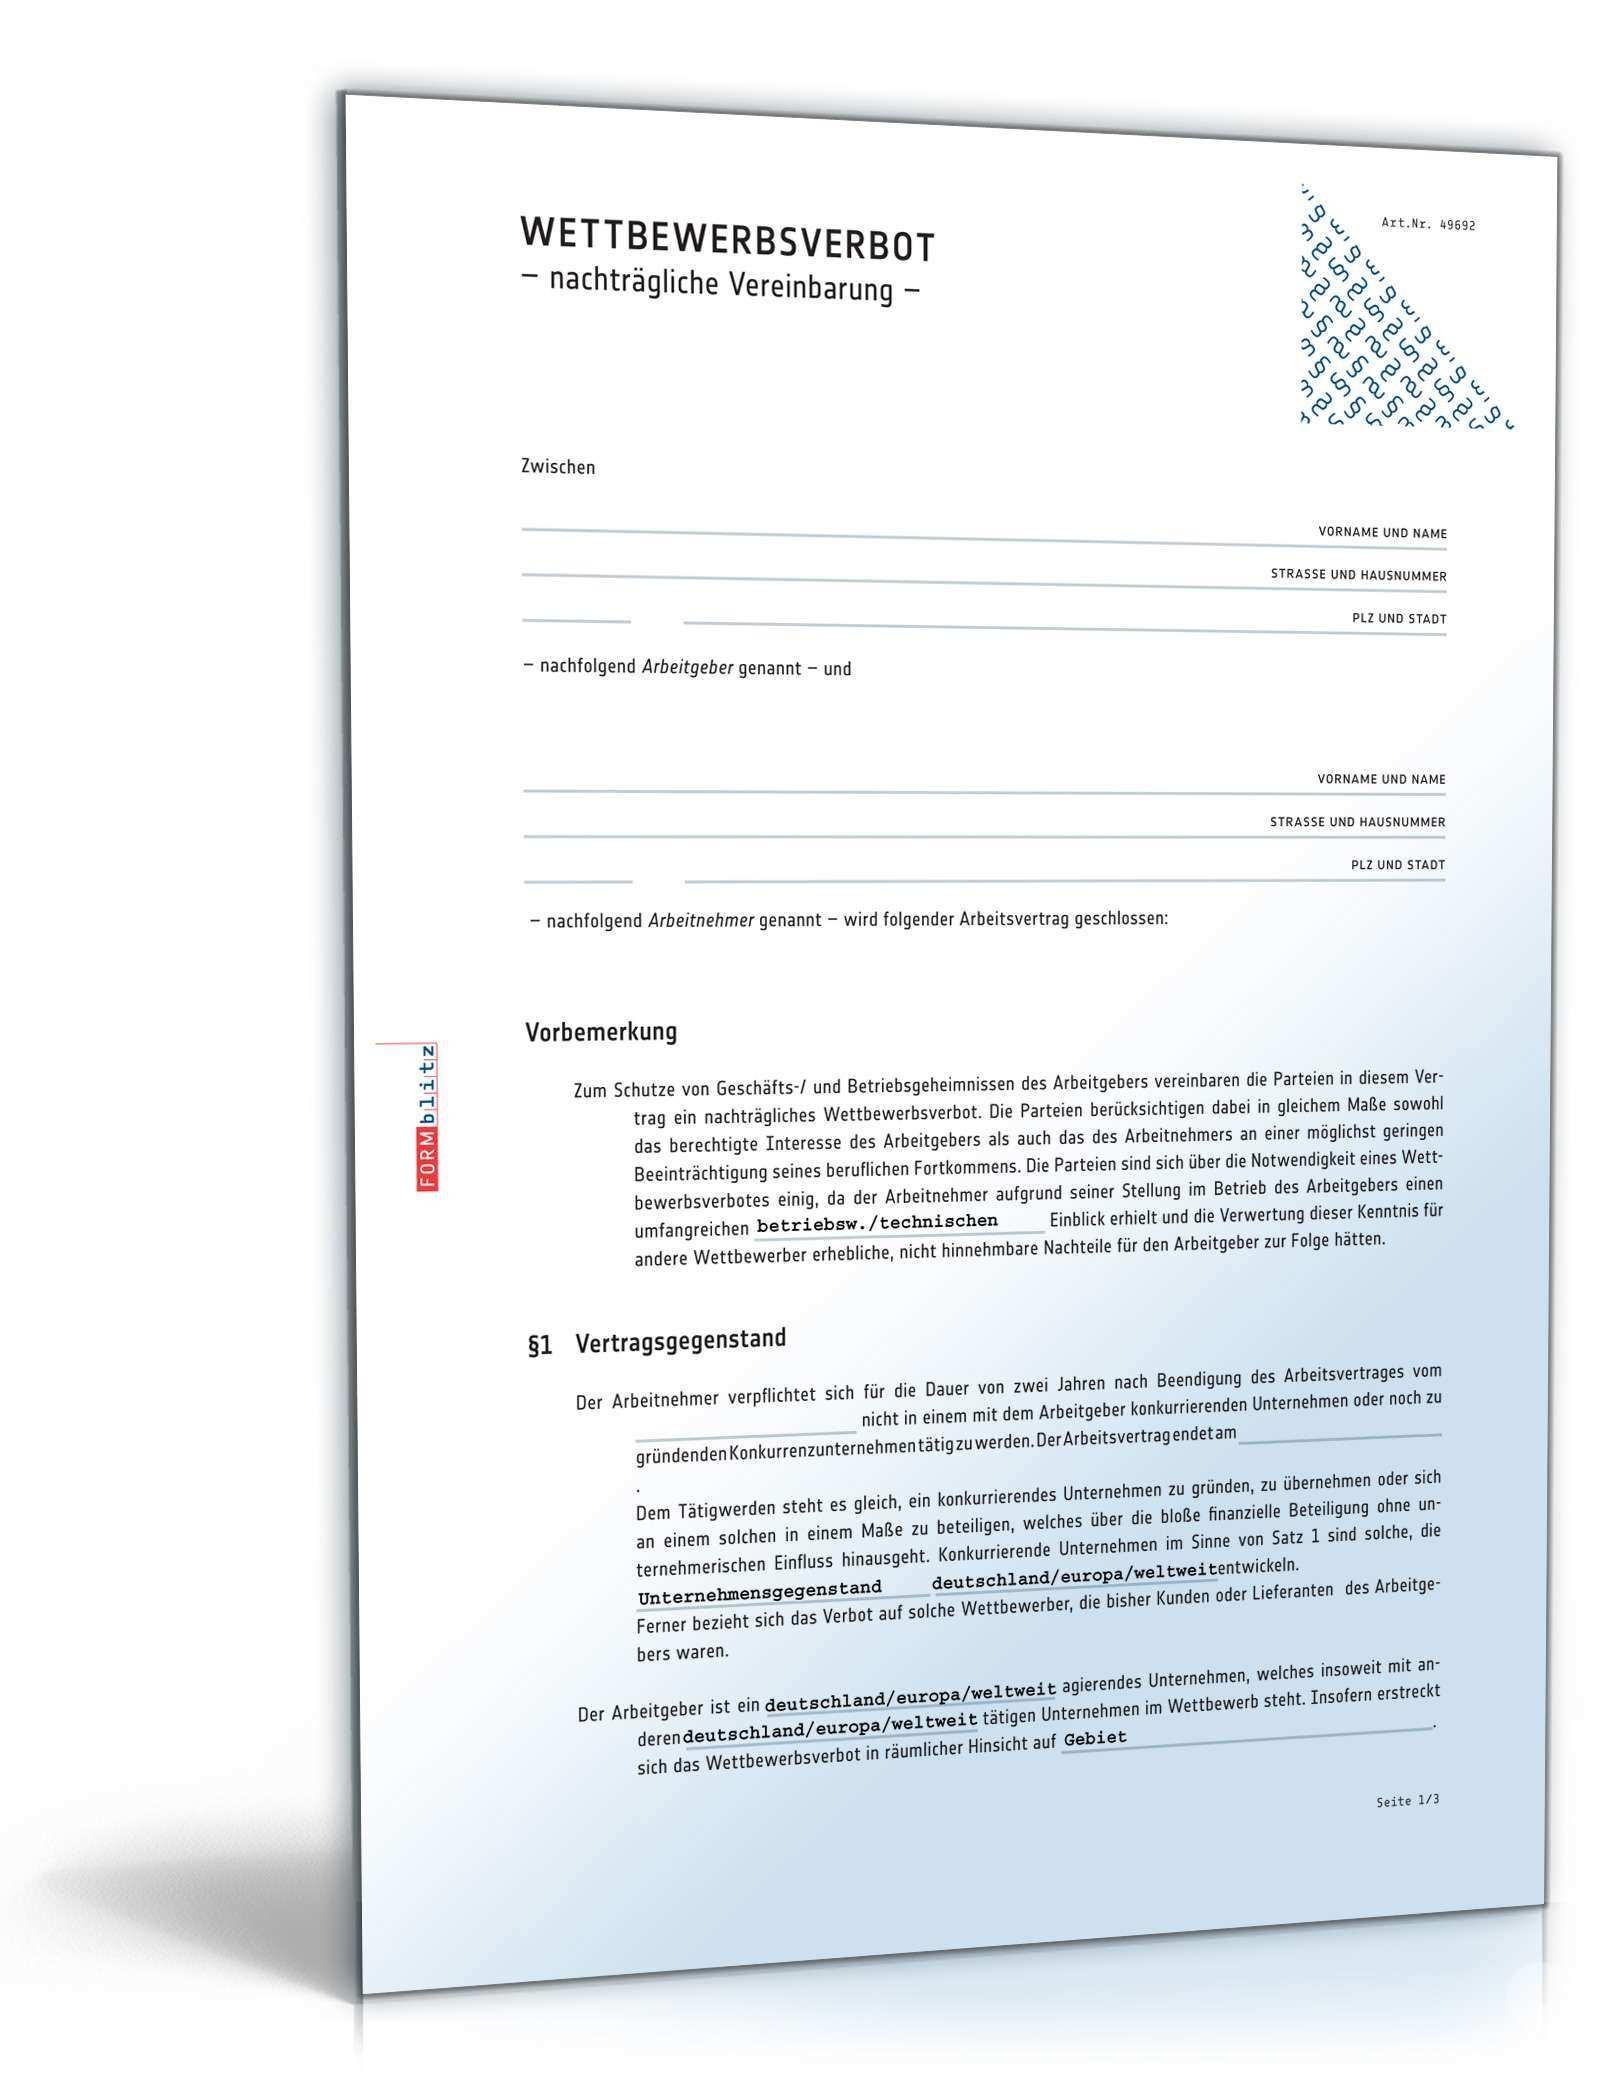 Nachvertragliches Wettbewerbsrecht Muster Vorlage Zum Download